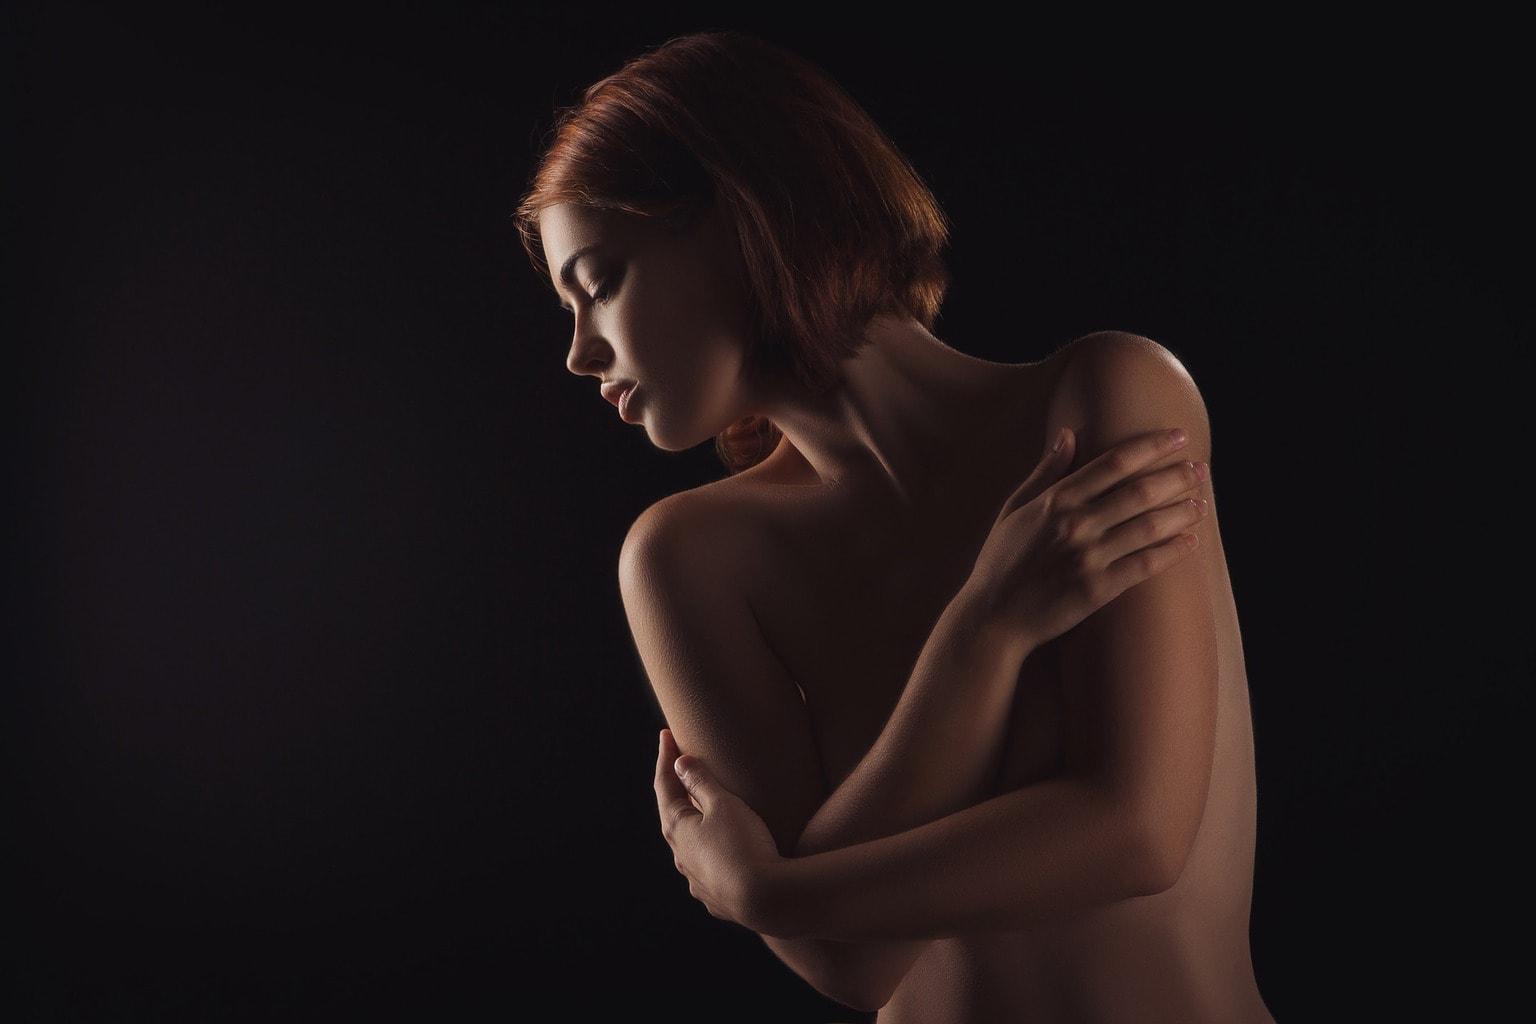 fotografía retrato de una modelo desnuda